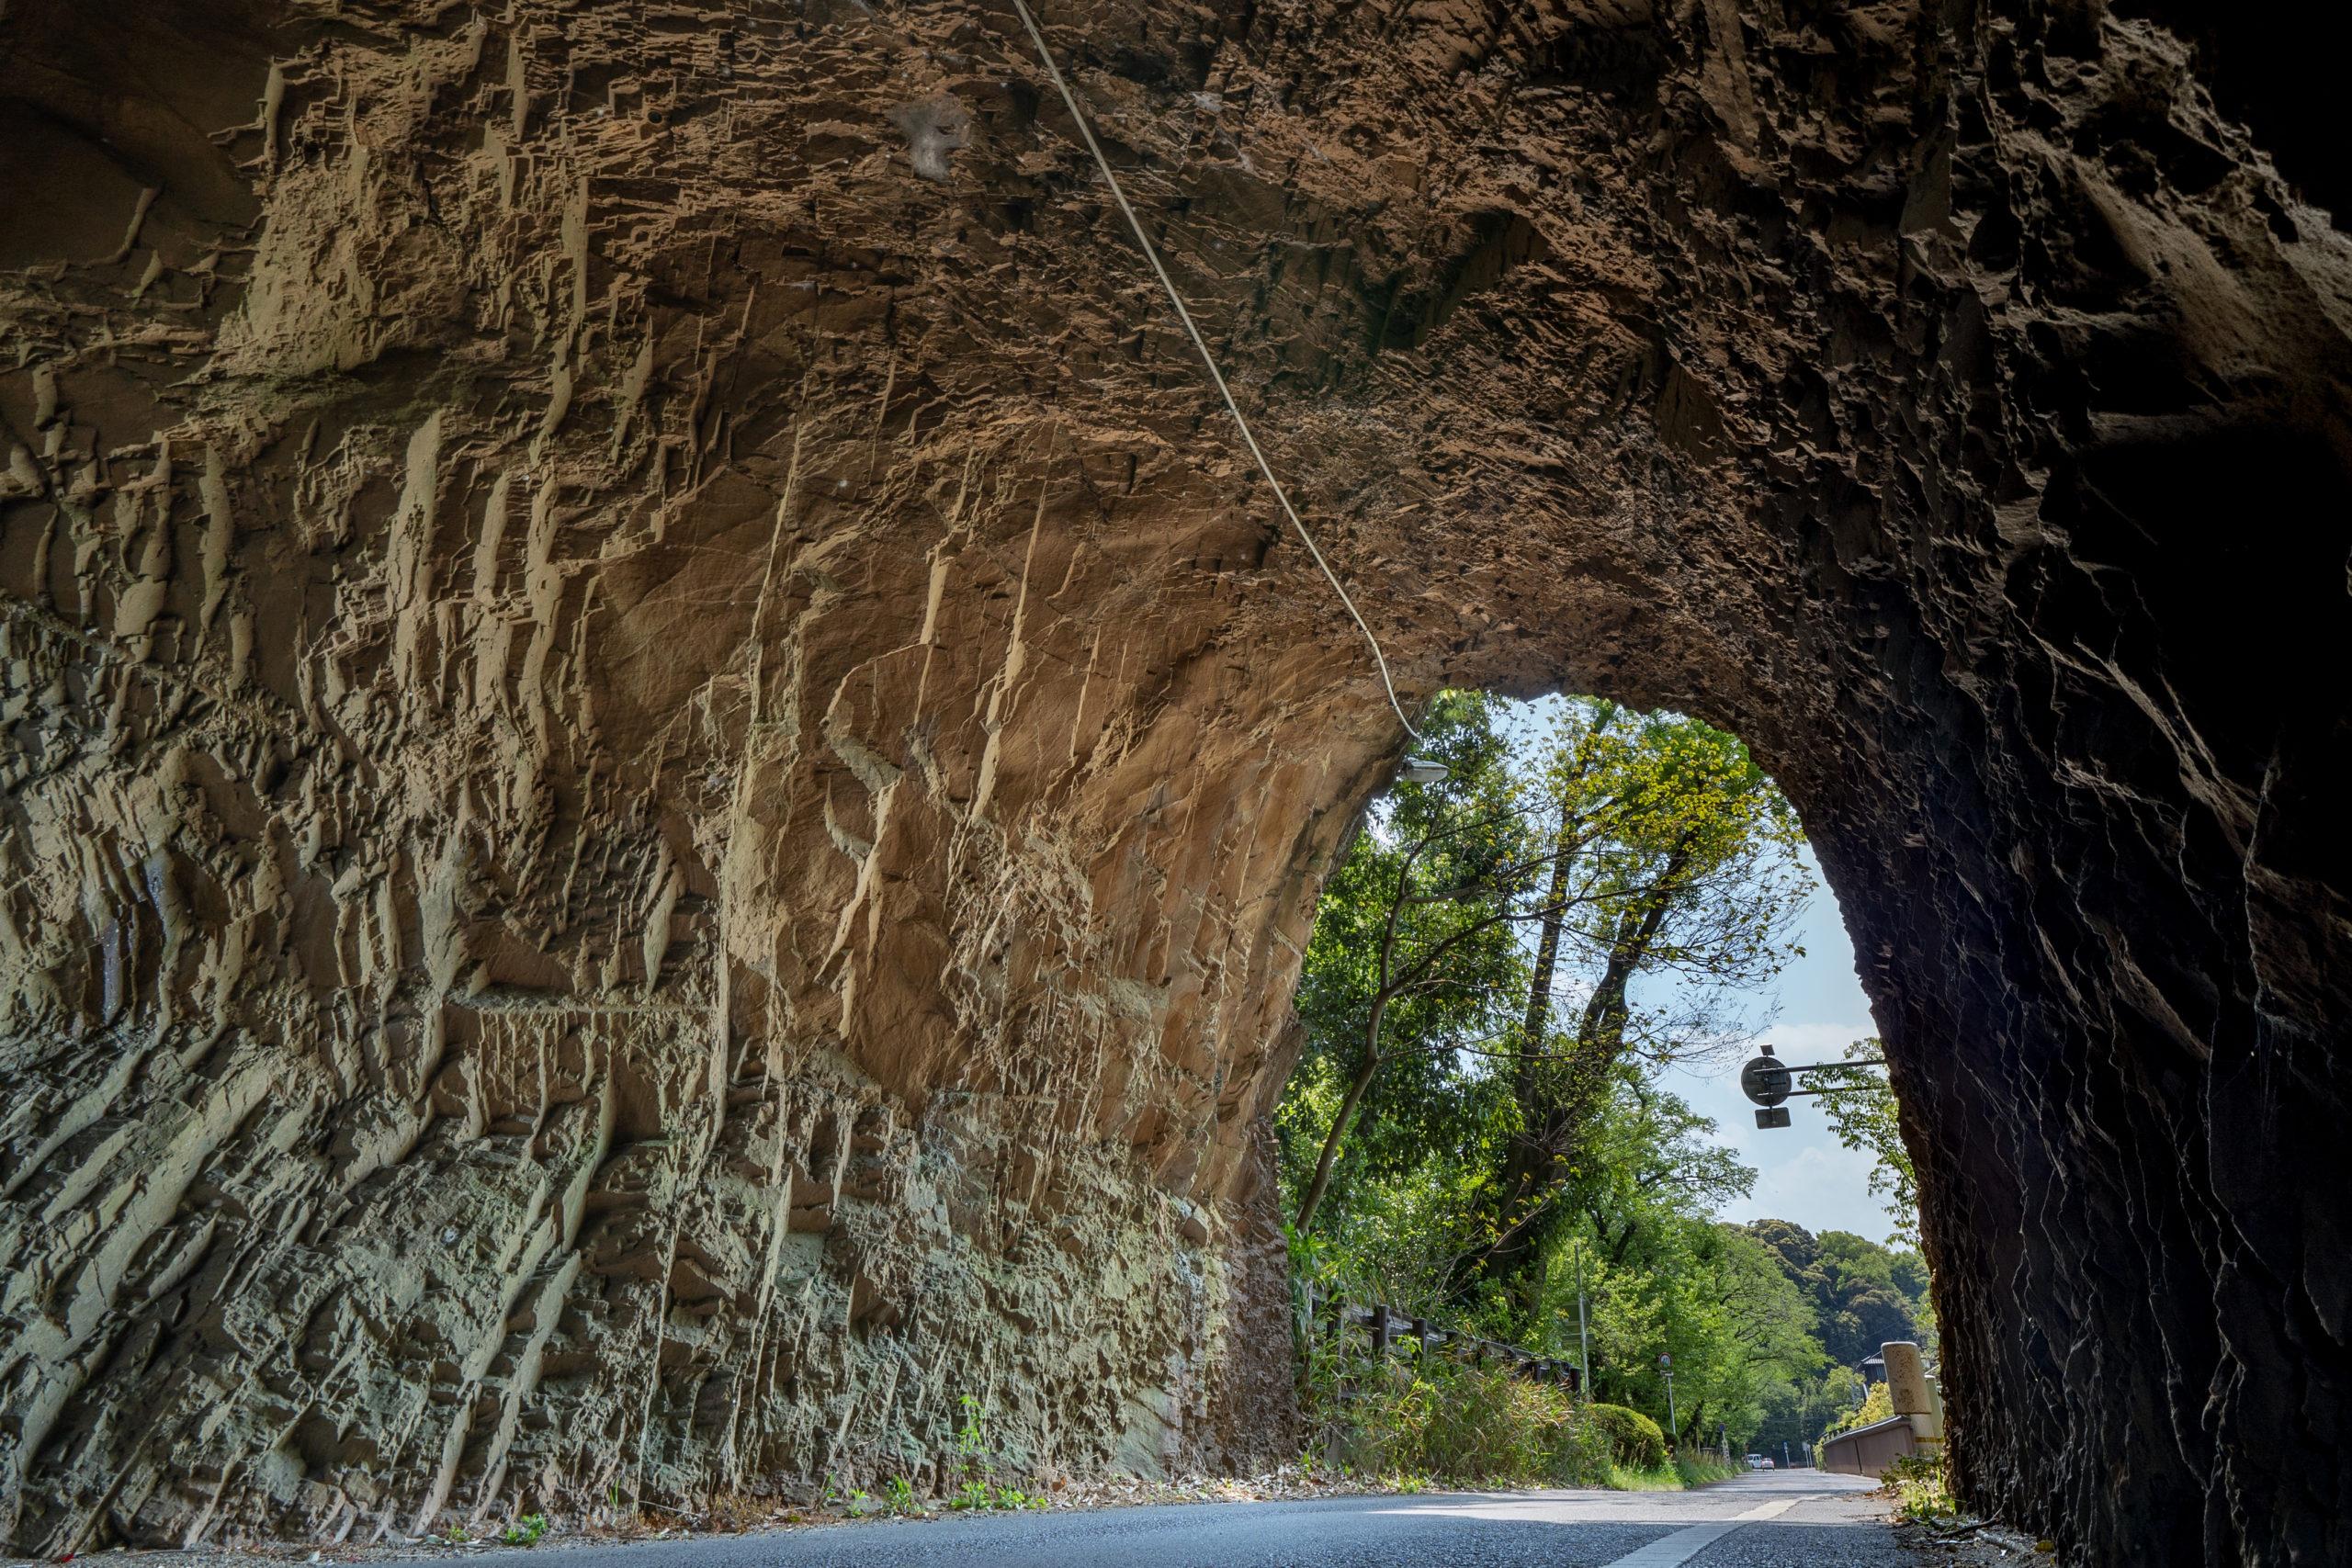 城下隧道(しろしたずいどう)内部より後日撮影&RAW現像し直し